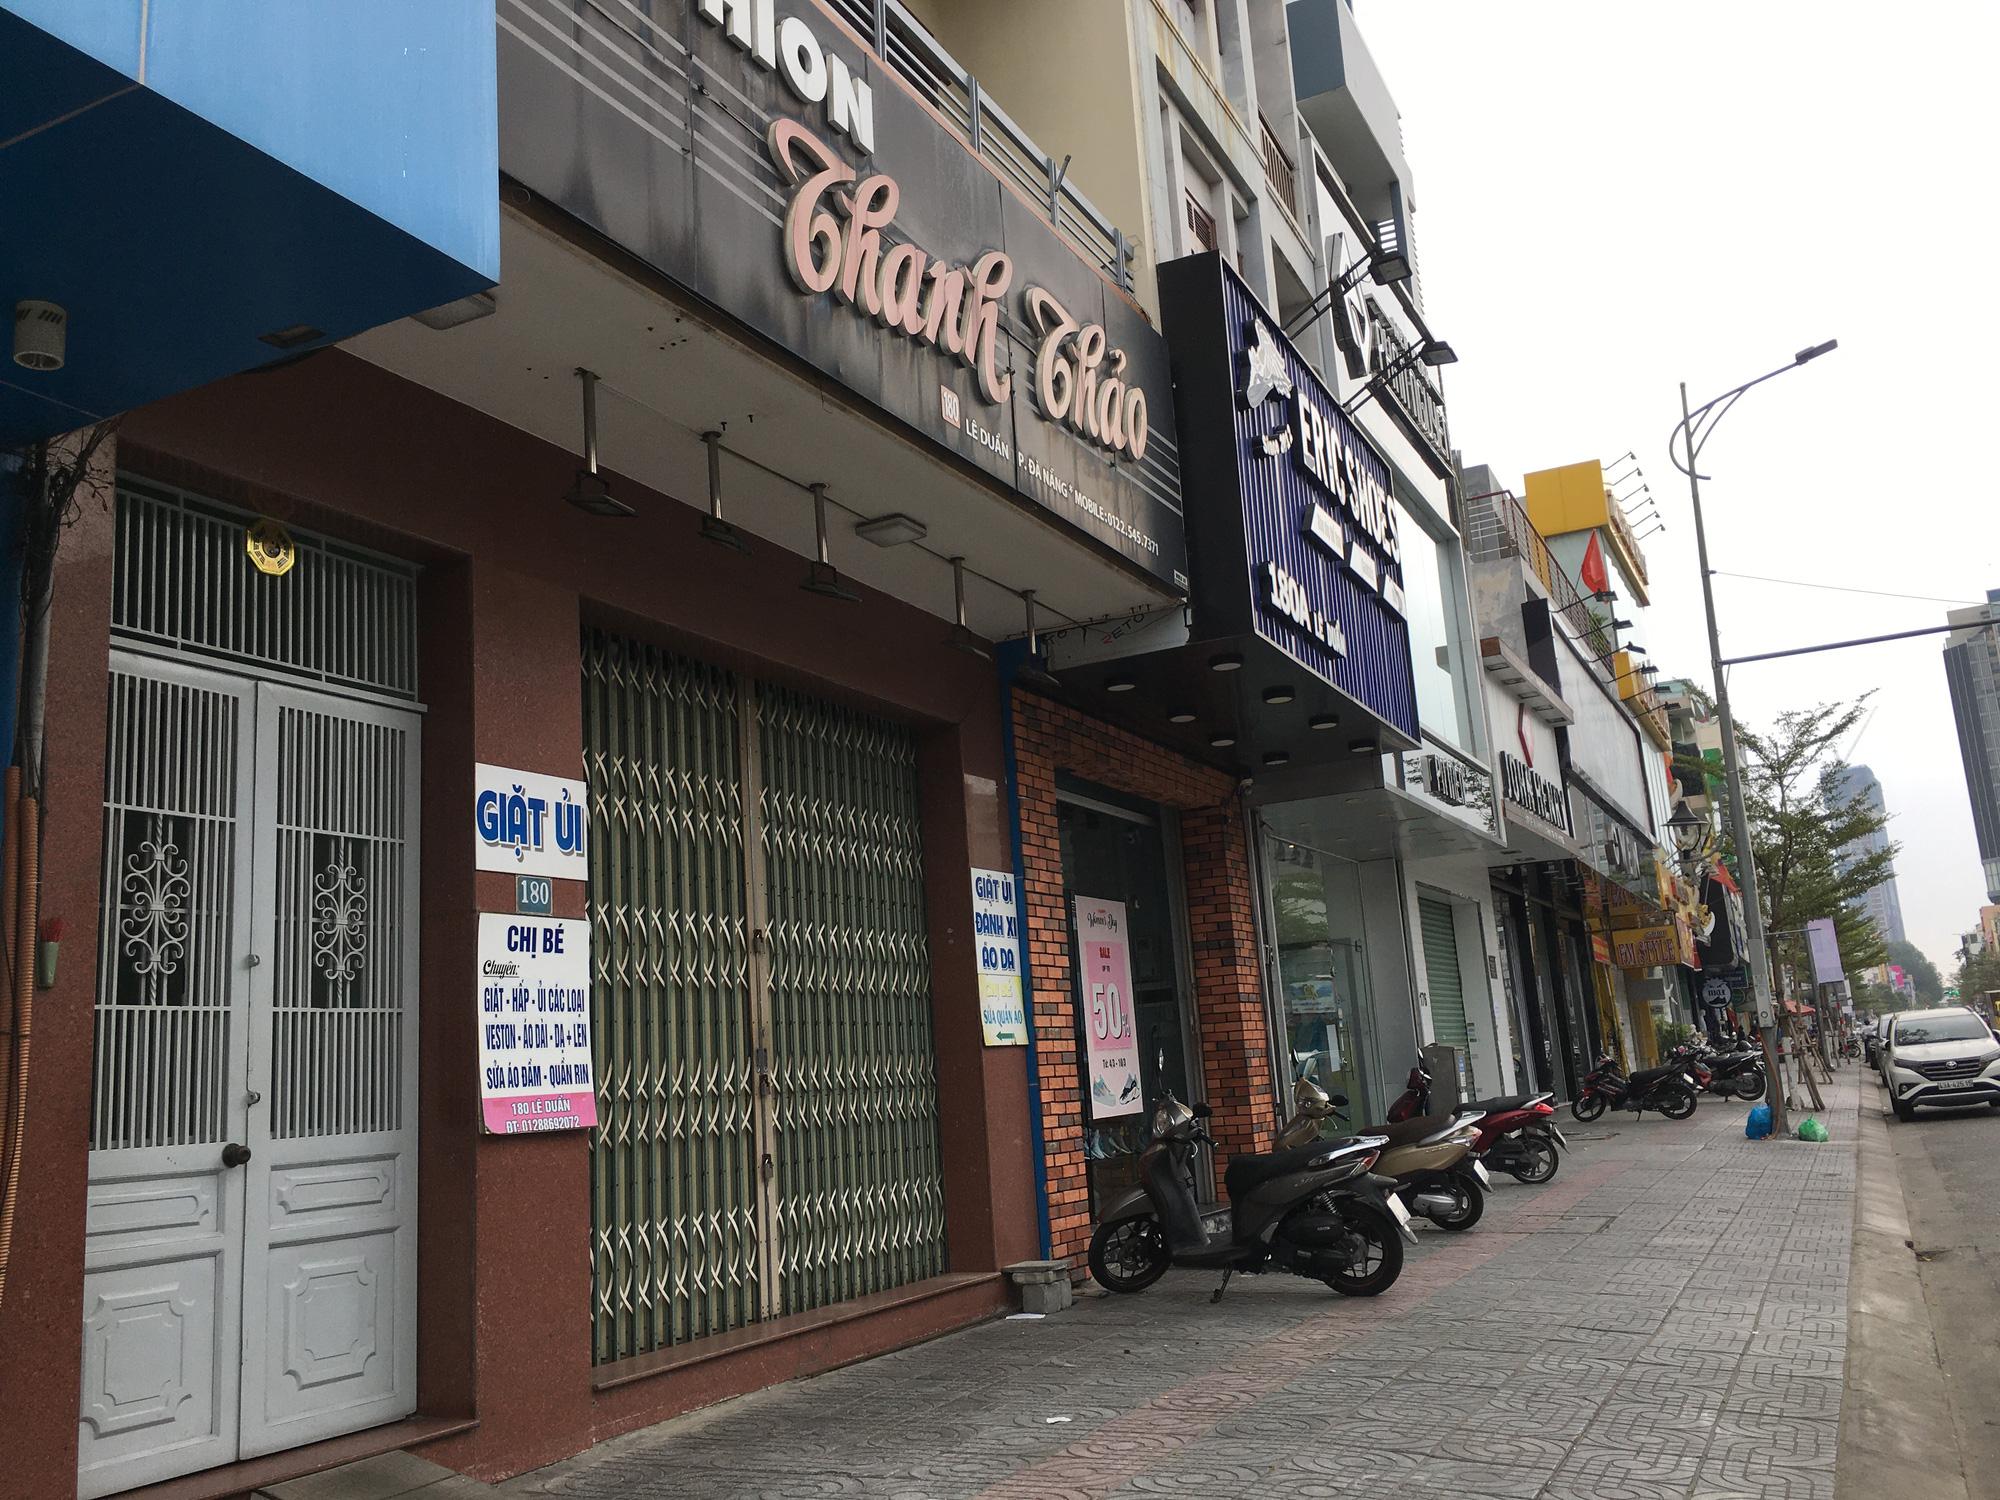 Giá mặt bằng, văn phòng cho thuê ở Đà Nẵng giảm sâu nhưng ít người quan tâm - Ảnh 2.